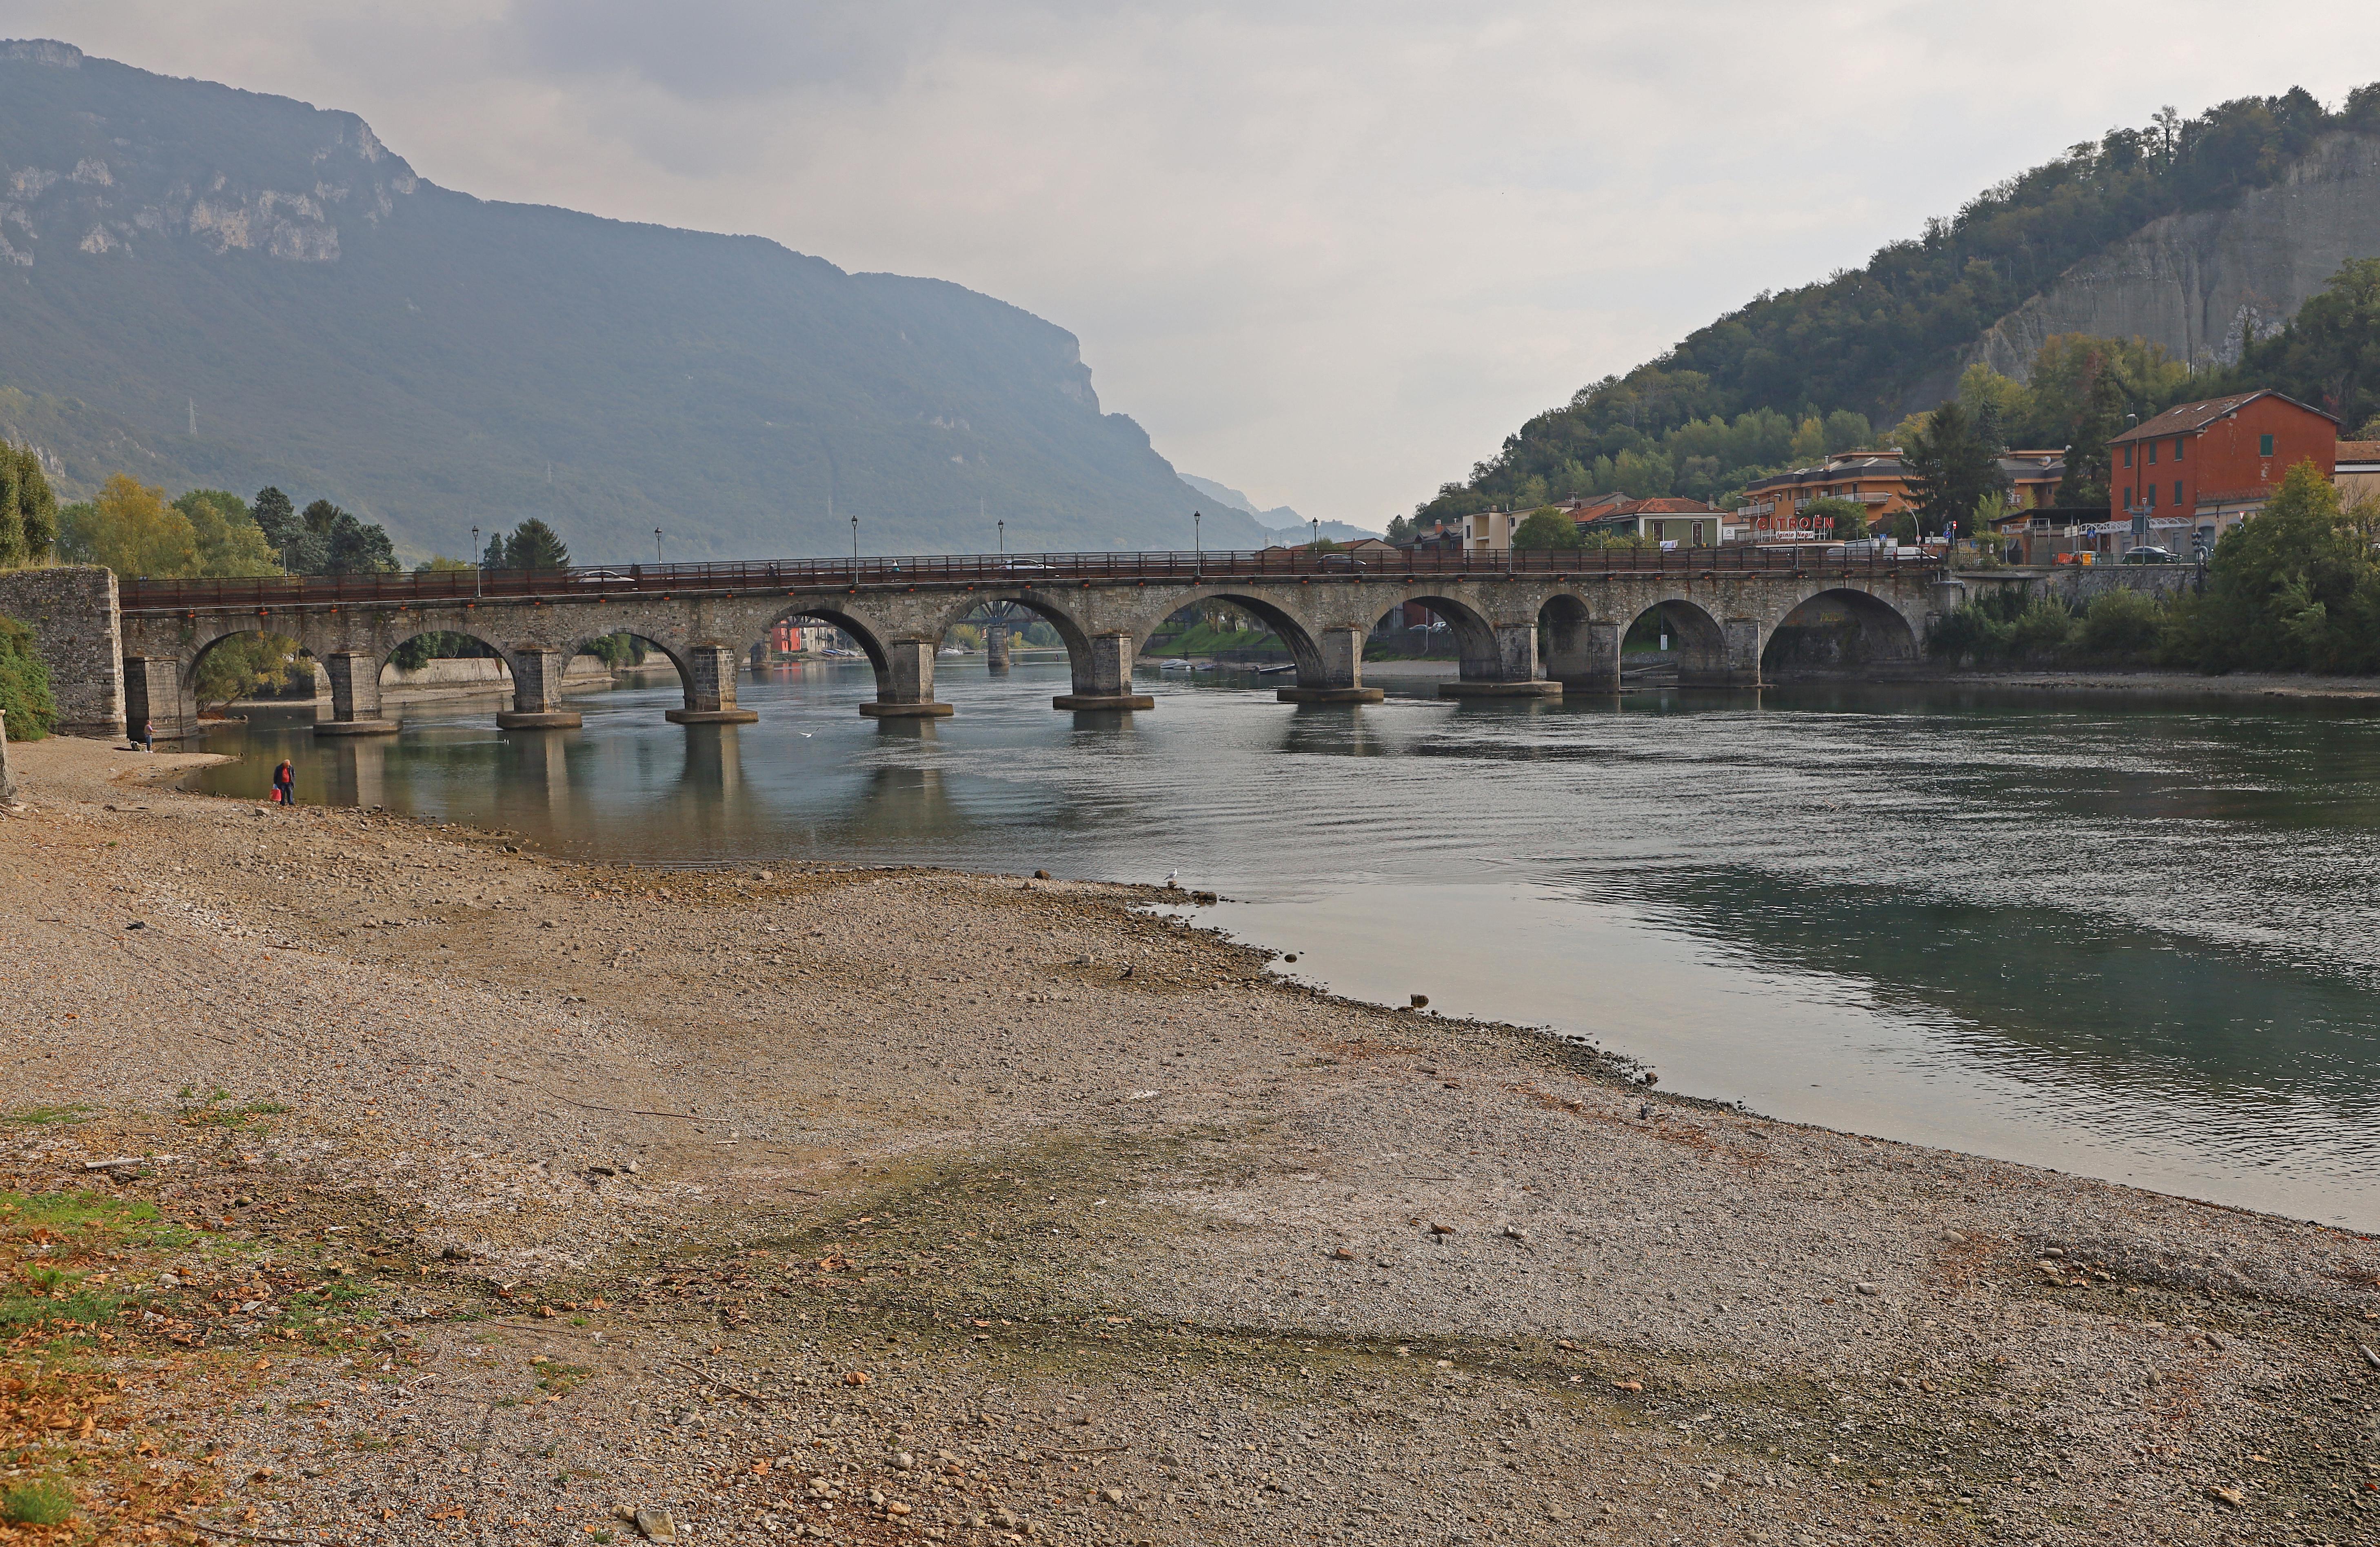 Azzone Visconti-bron, även känd som Ponte Vecchio byggdes 1336 över floden Adda.